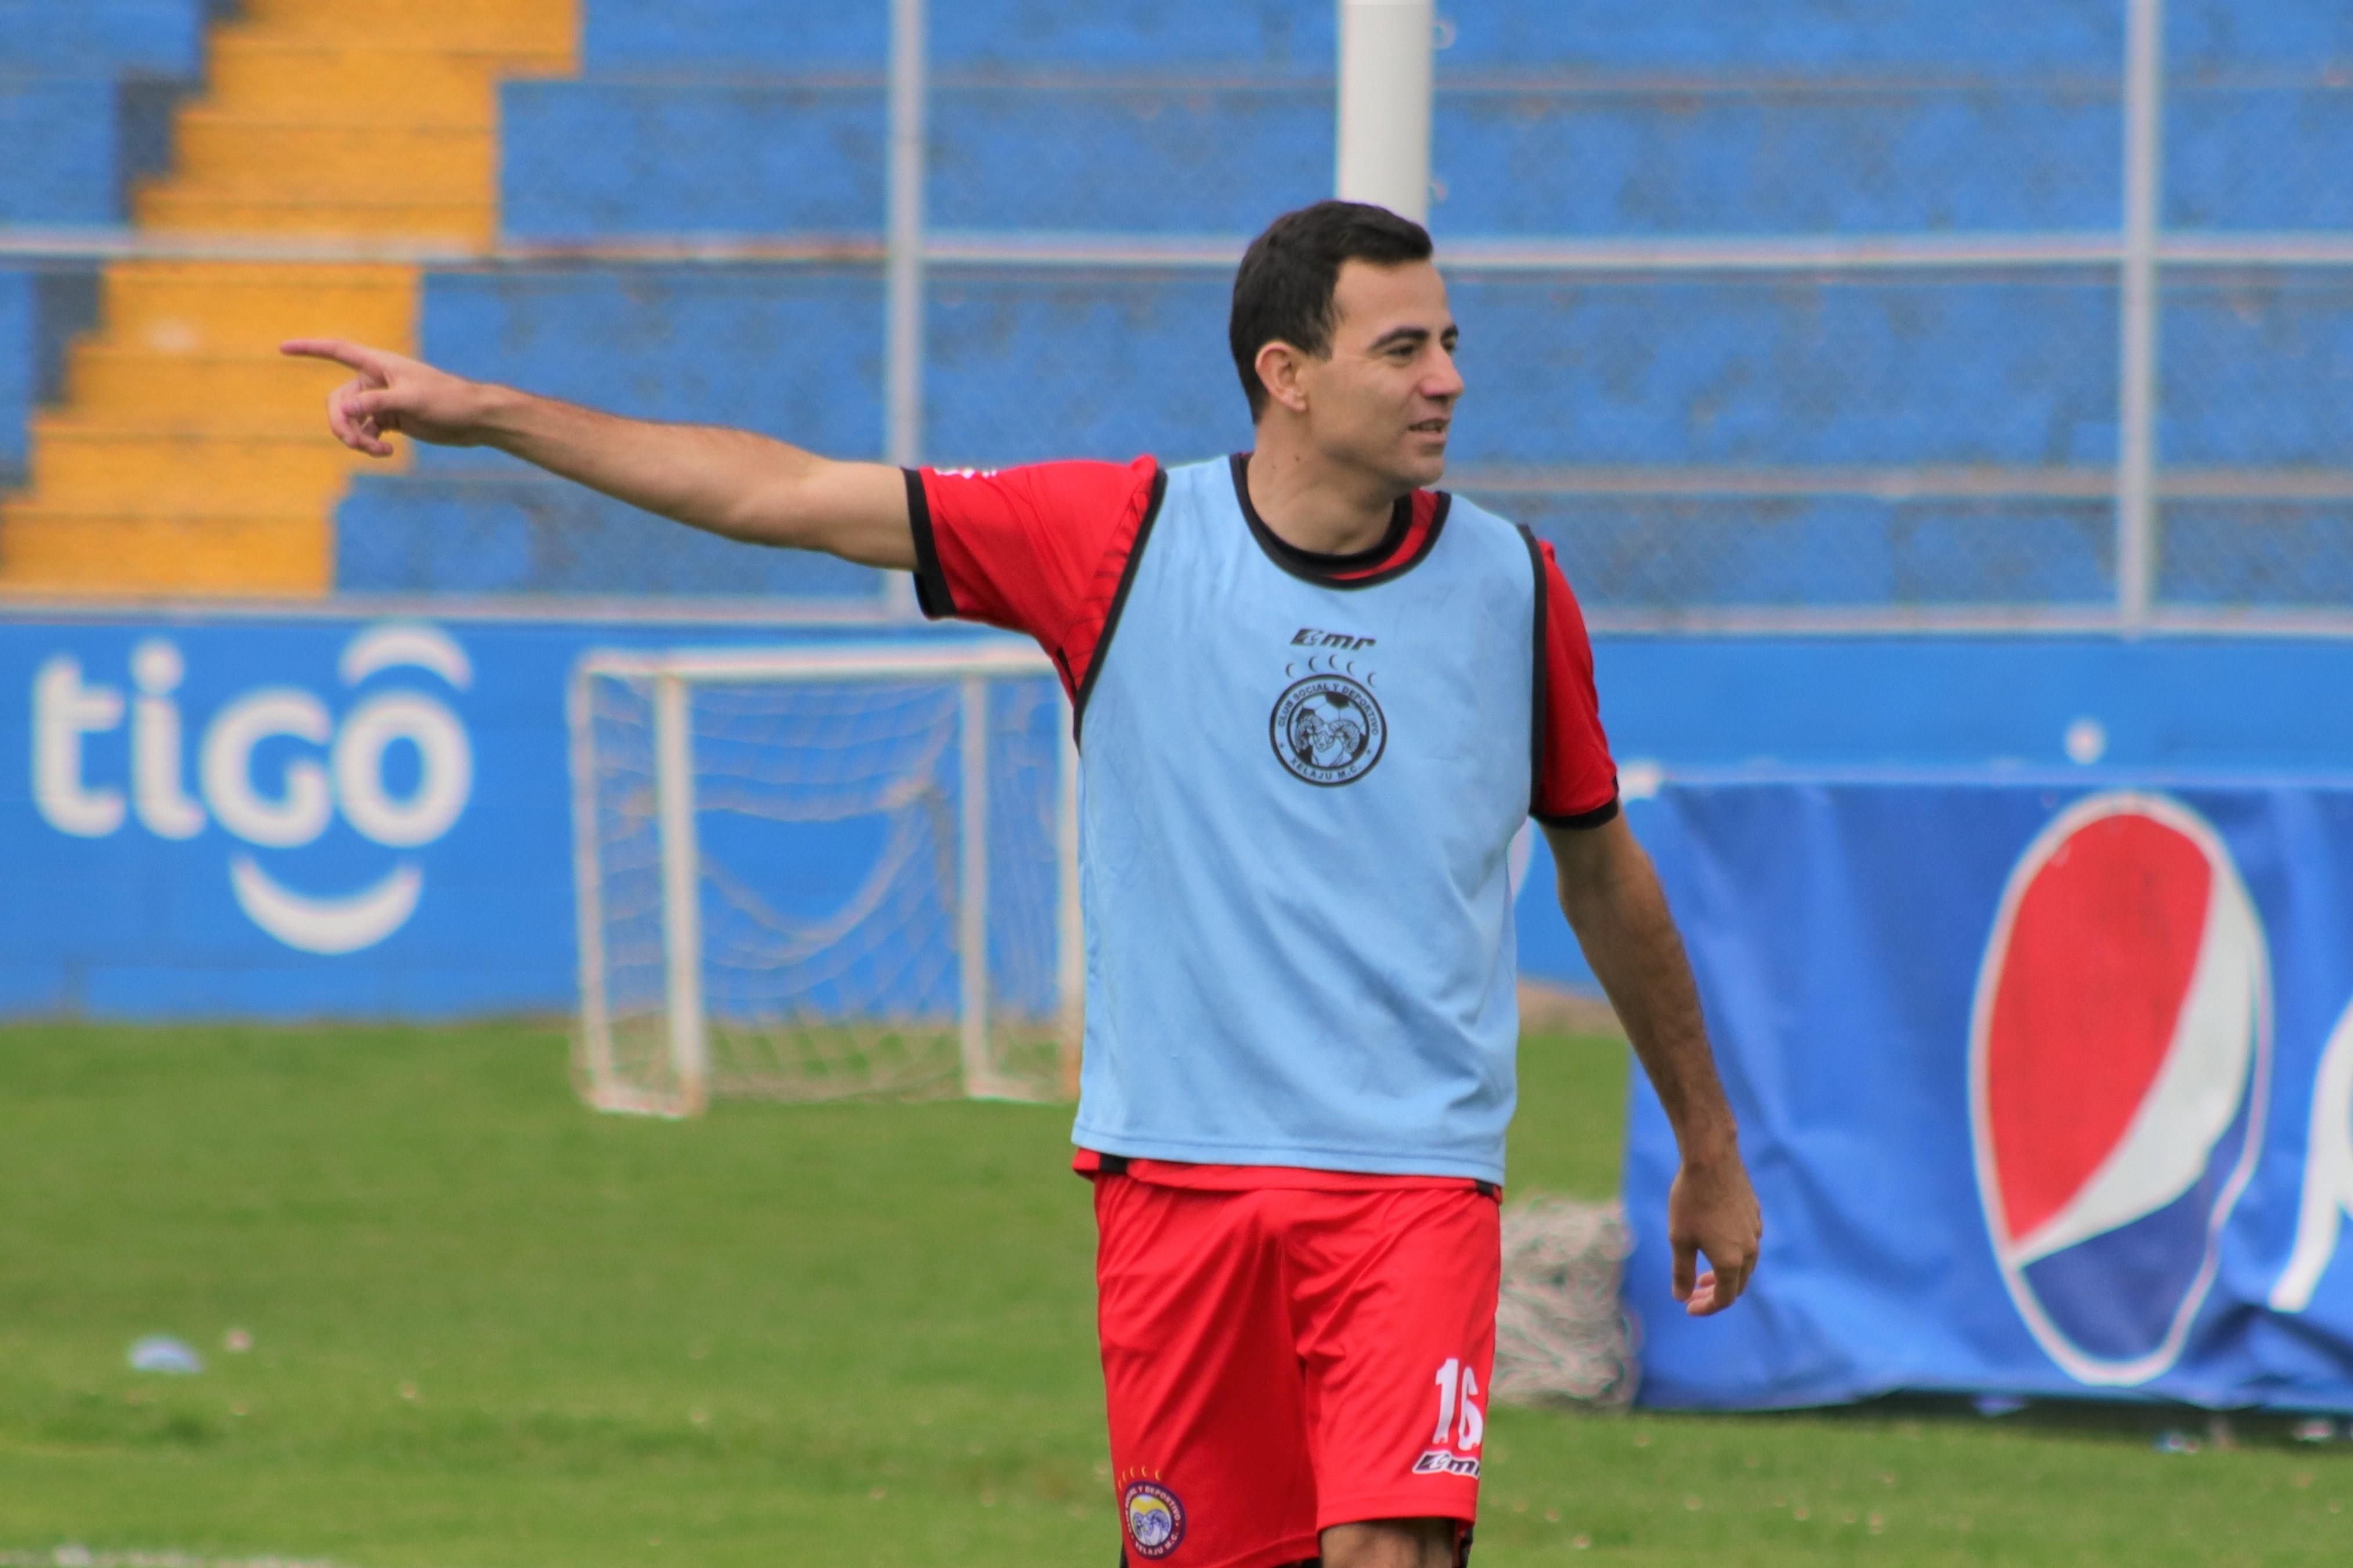 Marco Pappa no ha tenido el rendimiento esperado en el presente torneo. El jugador aseguró que el equipo ha tenido cambios para mejorar. (Foto Prensa Libre: Raúl Juárez)